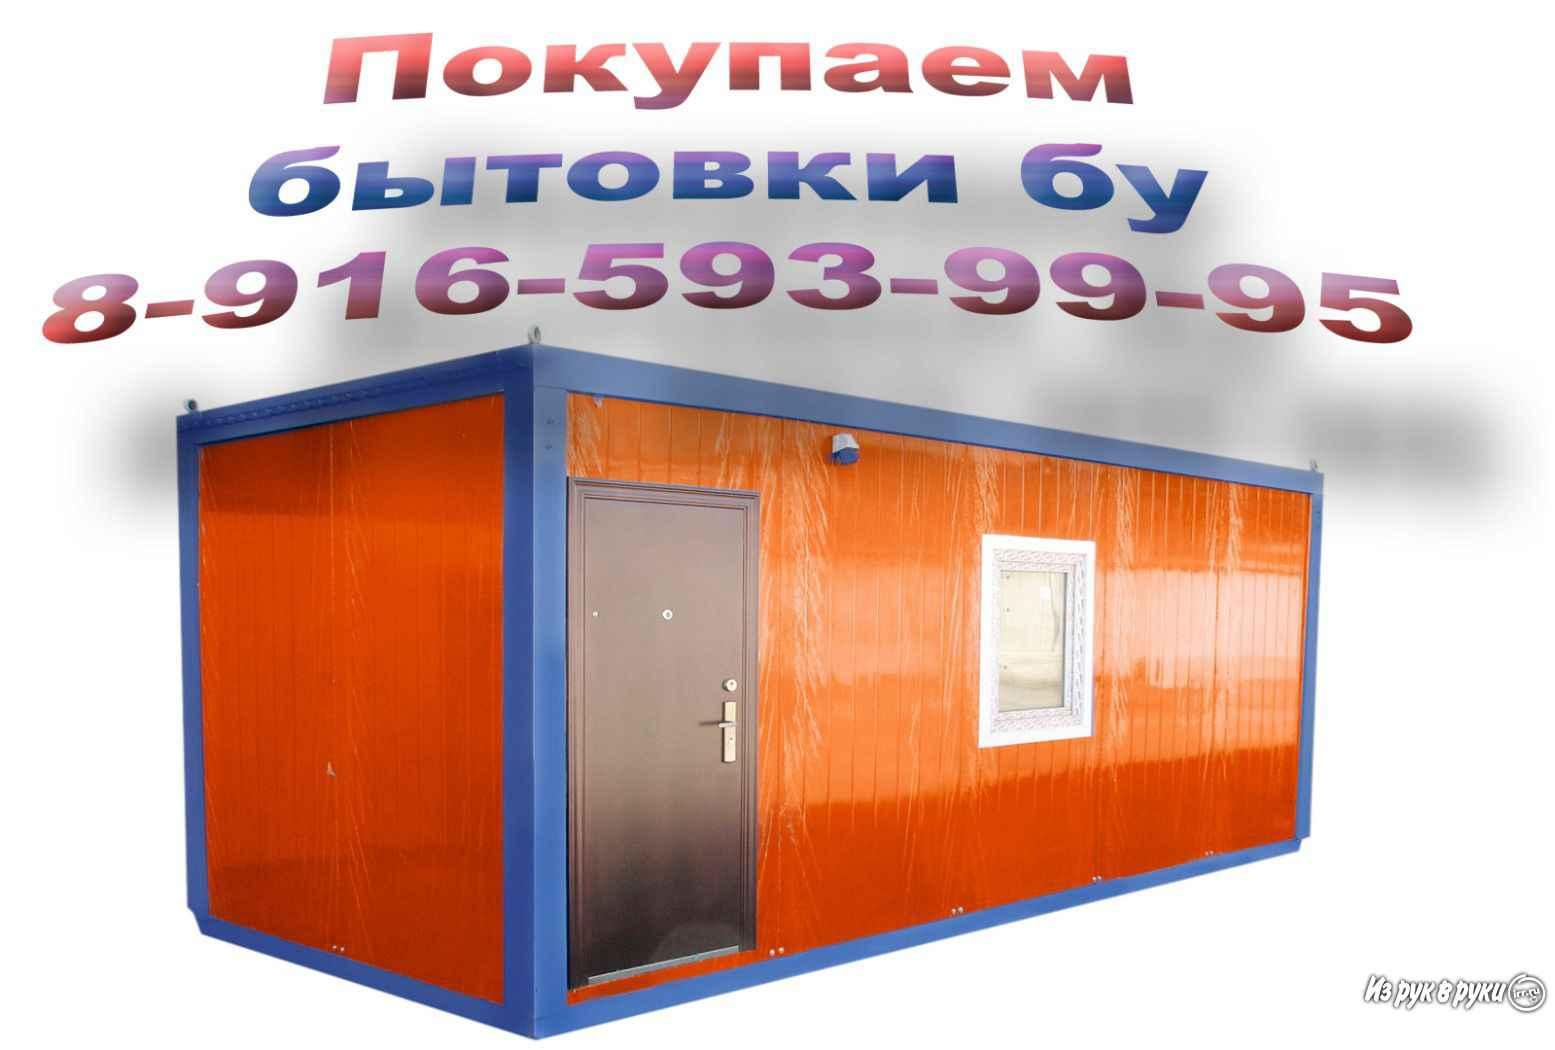 Покупаем строительные бытовки бу